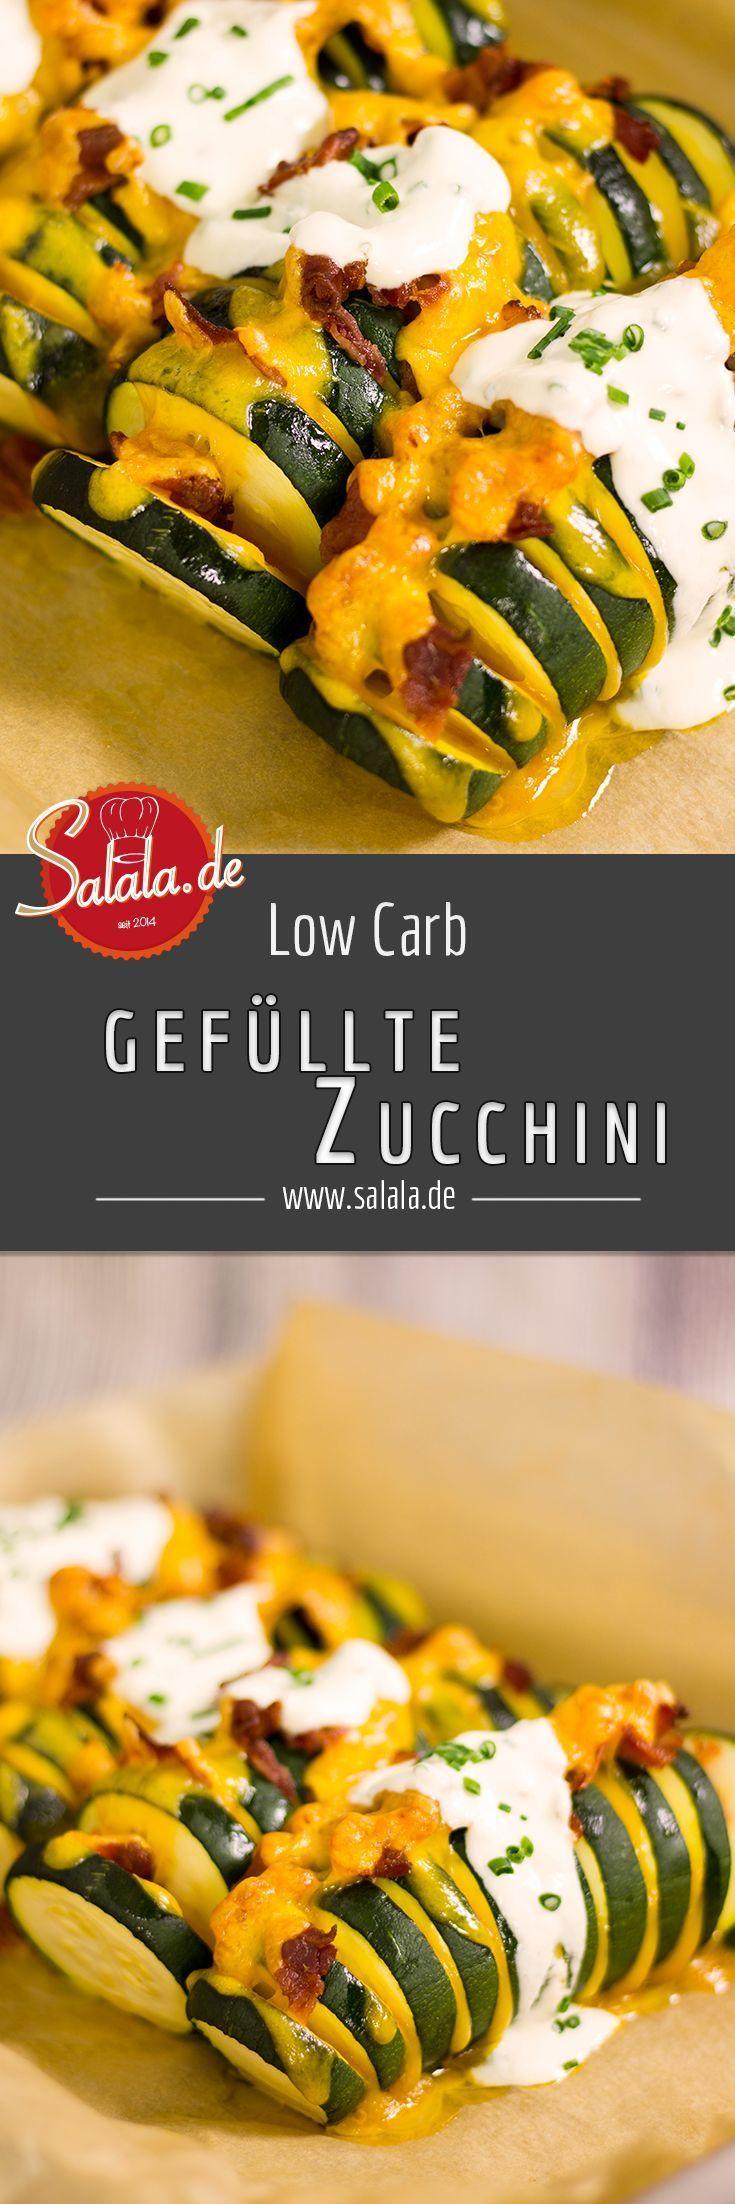 Gefüllte Zucchini mit Bacon und Cheddar  Gesunde Rezepte